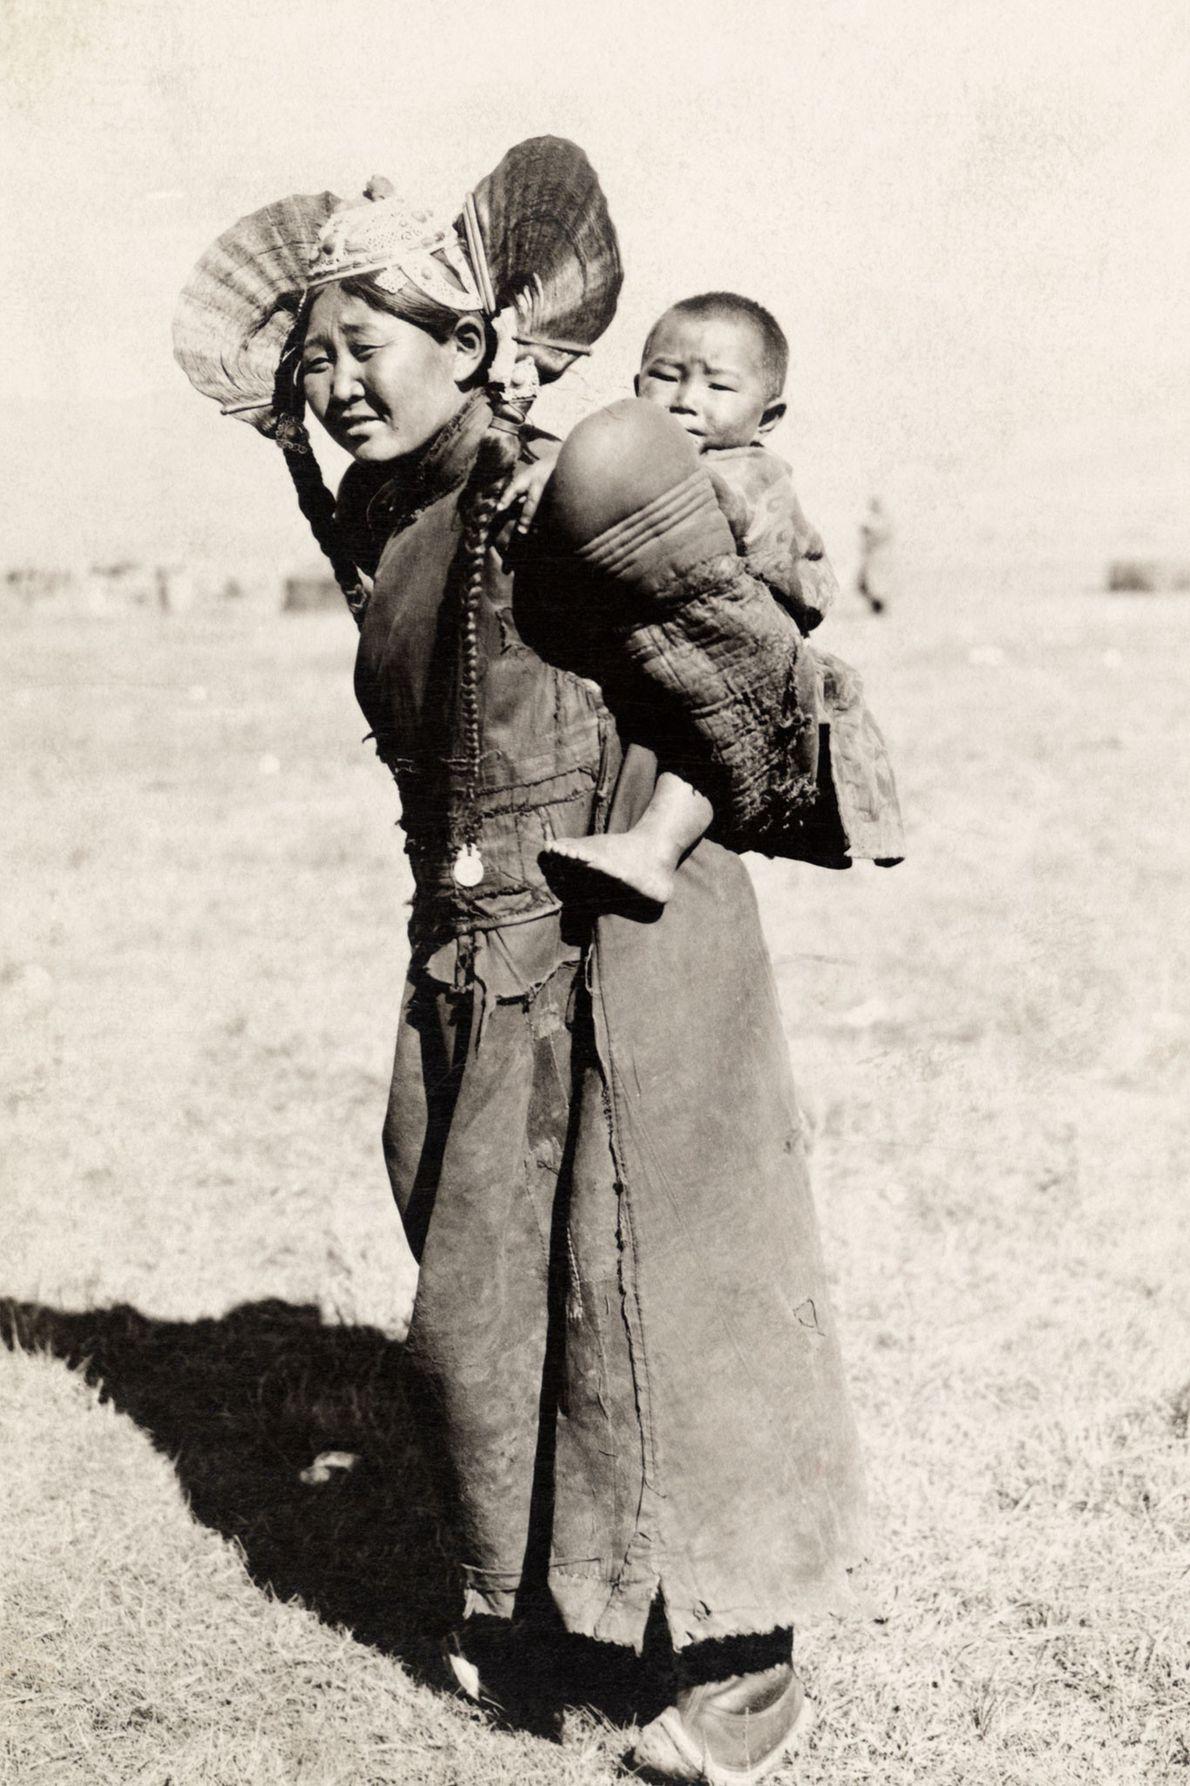 Vêtue de vêtements traditionnels, une femme du nord de la Mongolie porte son fils sur le ...